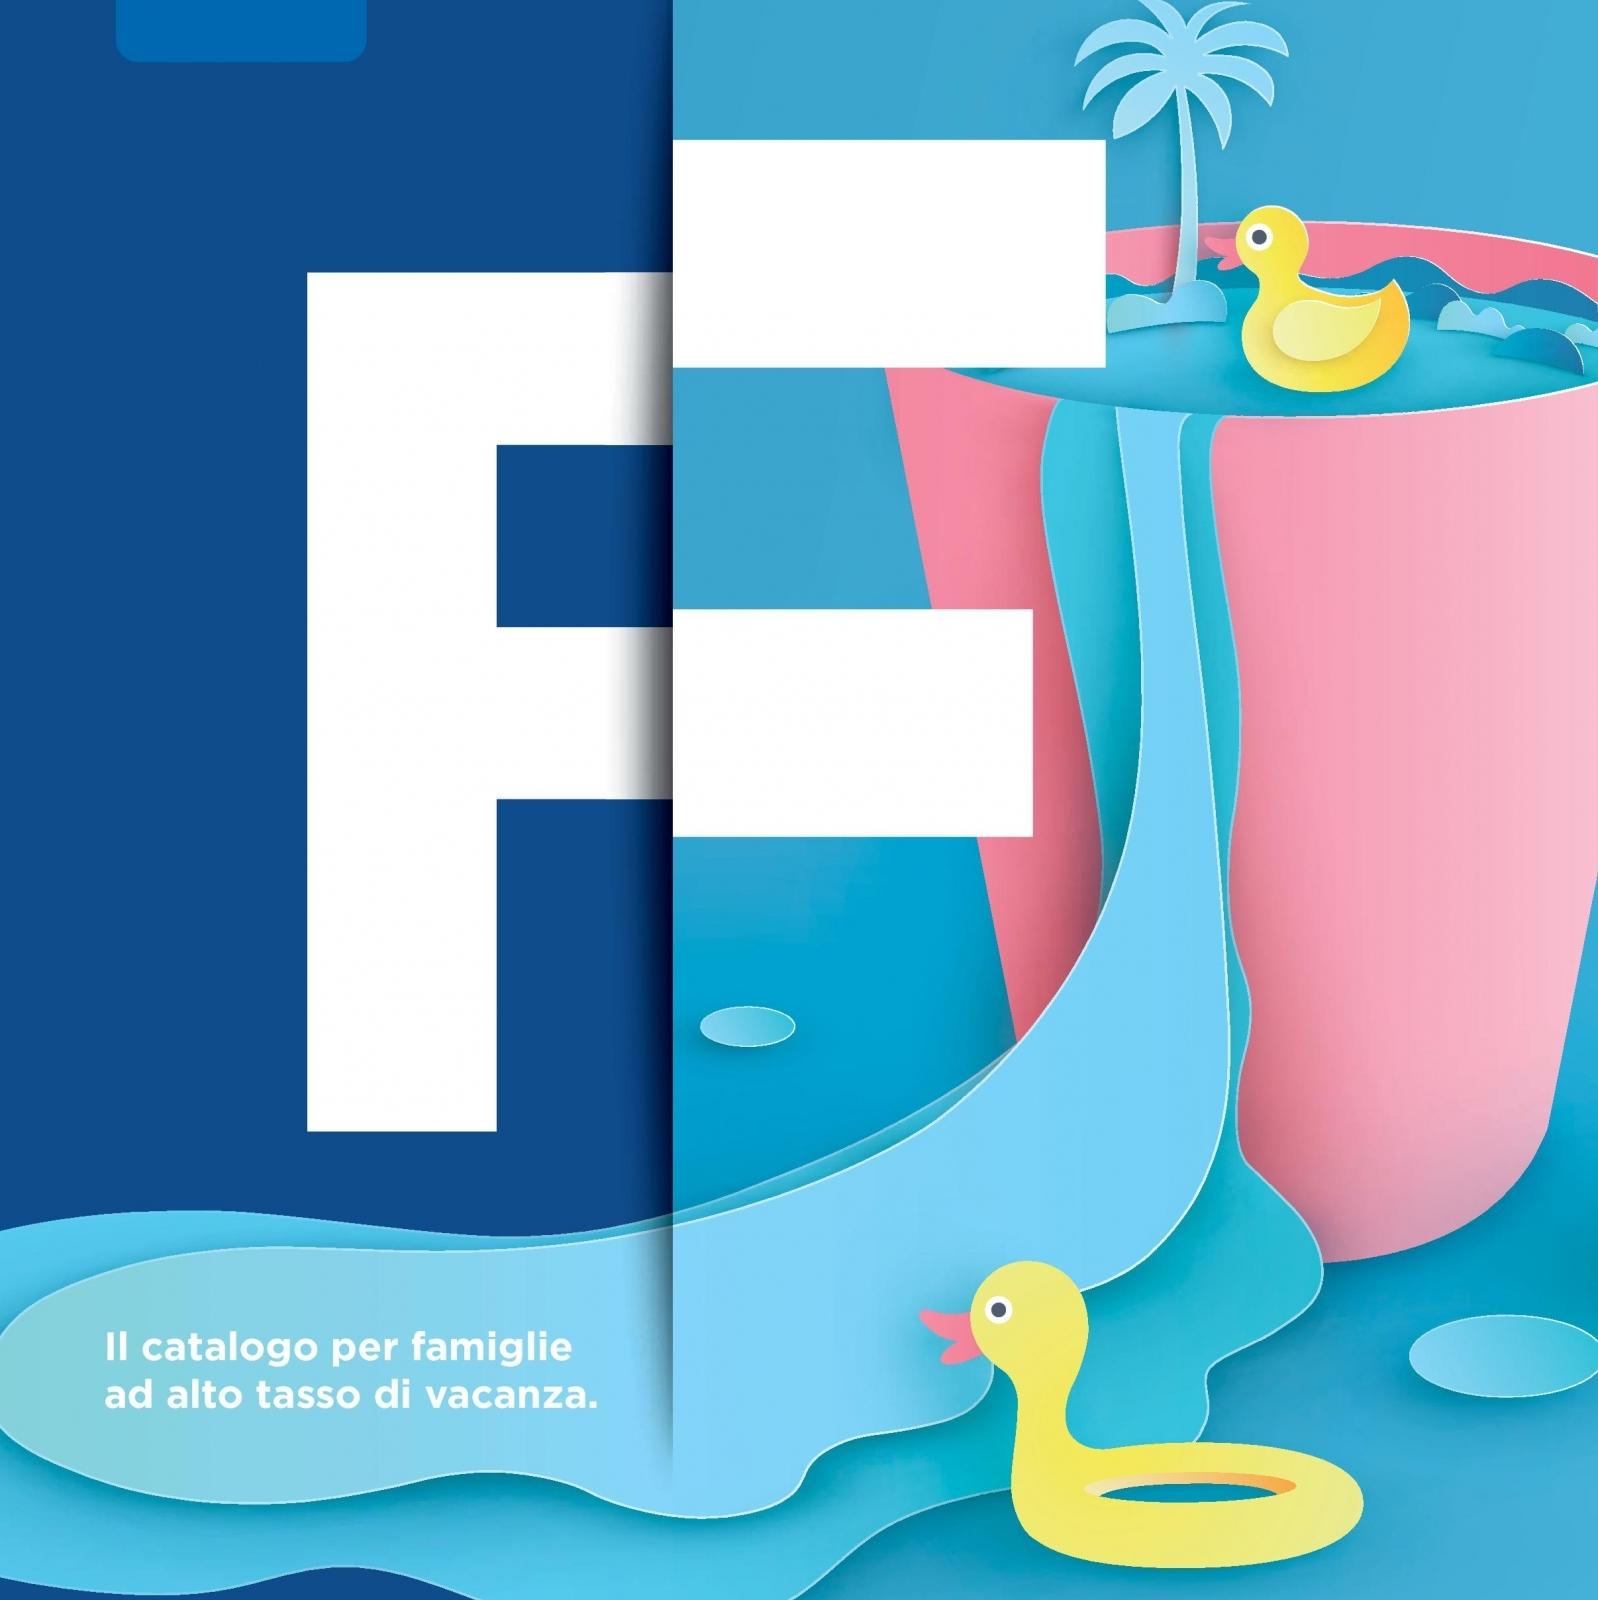 Un catalogo per famiglie ad alto tasso di vacanza